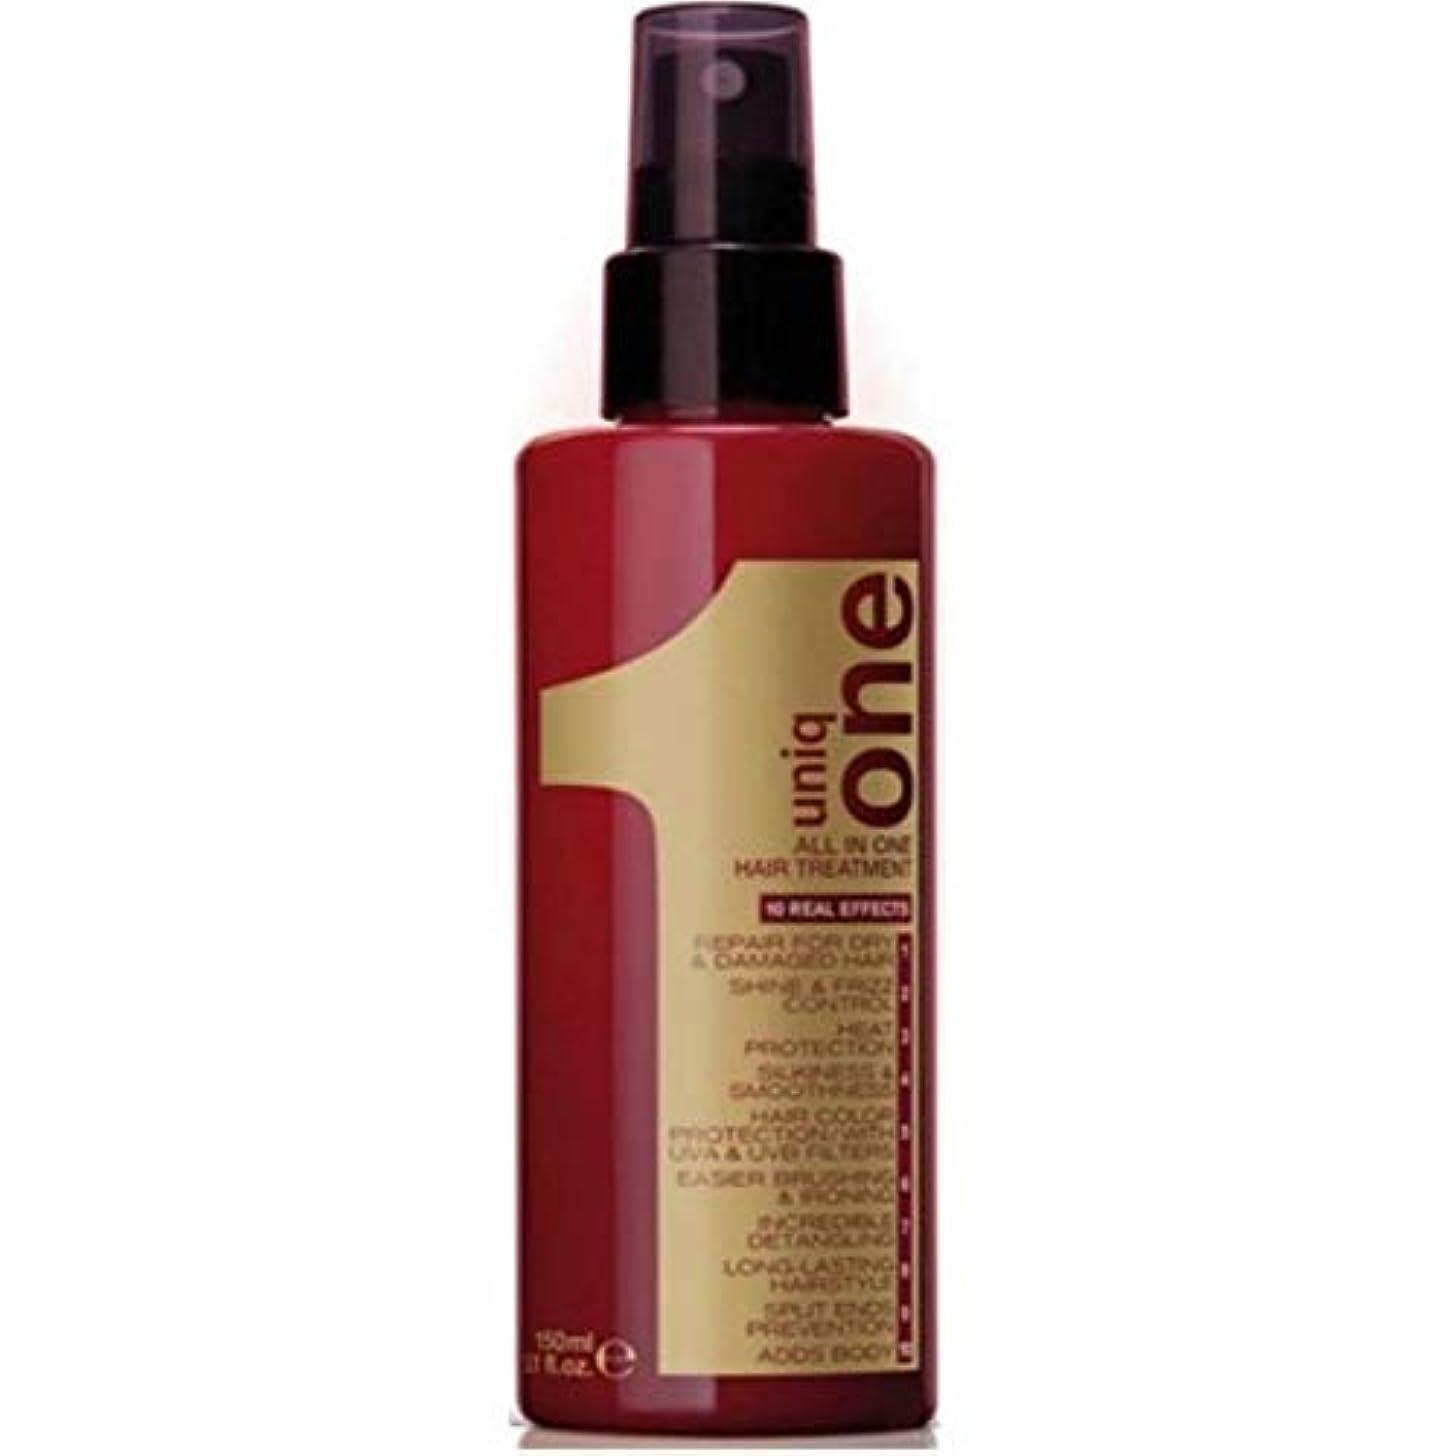 発表するせっかち歴史家Uniq One Revlon All In One Hair Treatment 5.1Oz. - New Original by Uniq One by Uniq One